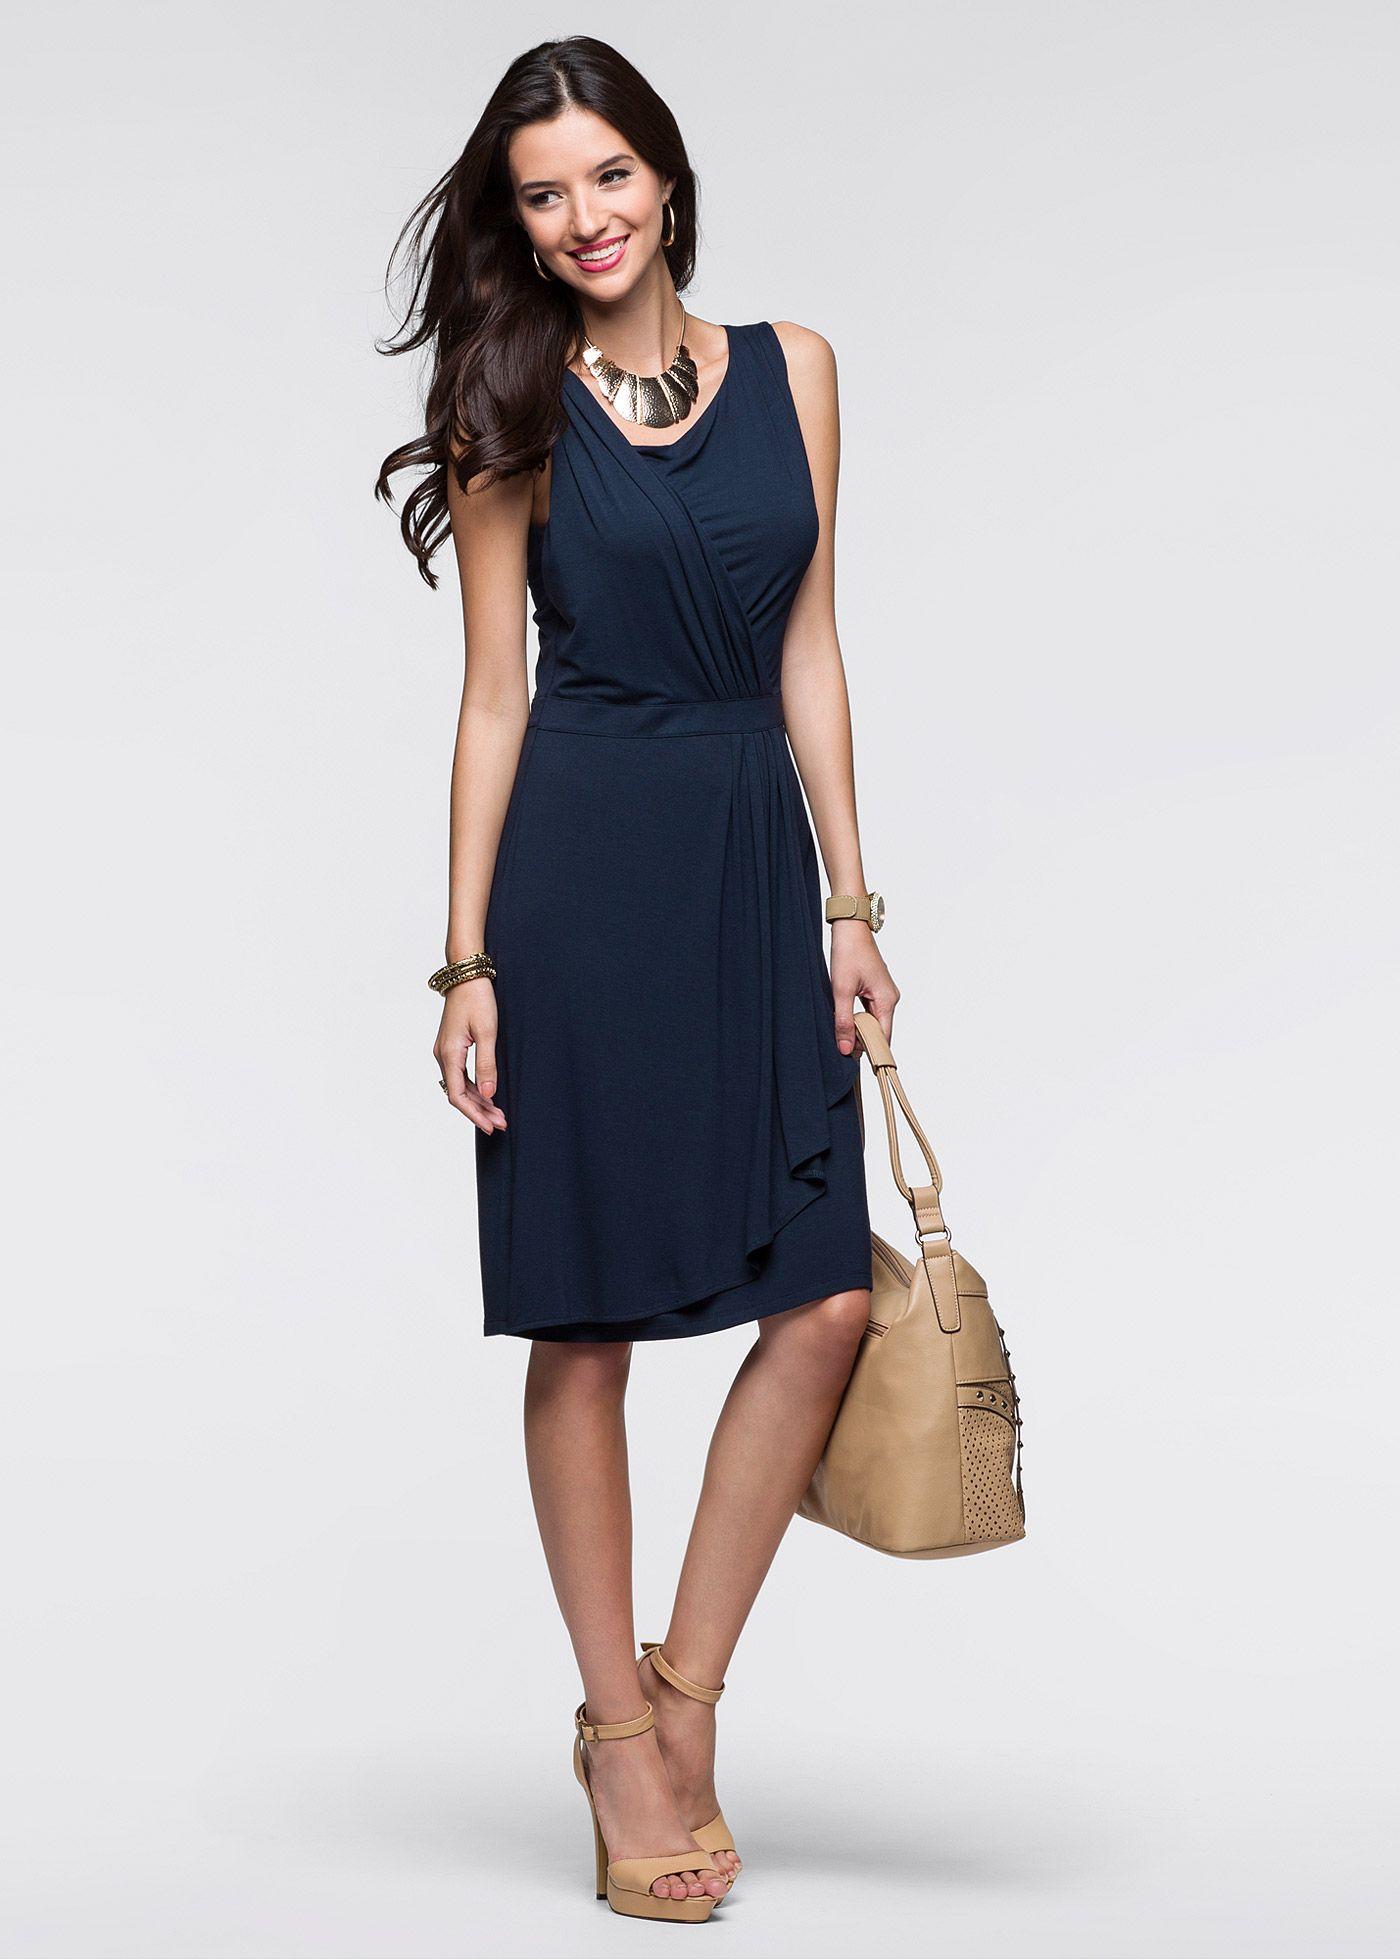 1962b942e Vestido transpassado com babados azul escuro encomendar agora na loja  on-line bonprix.de R$ 139,00 a partir de Vestido sem mangas muito feminino.  Com .